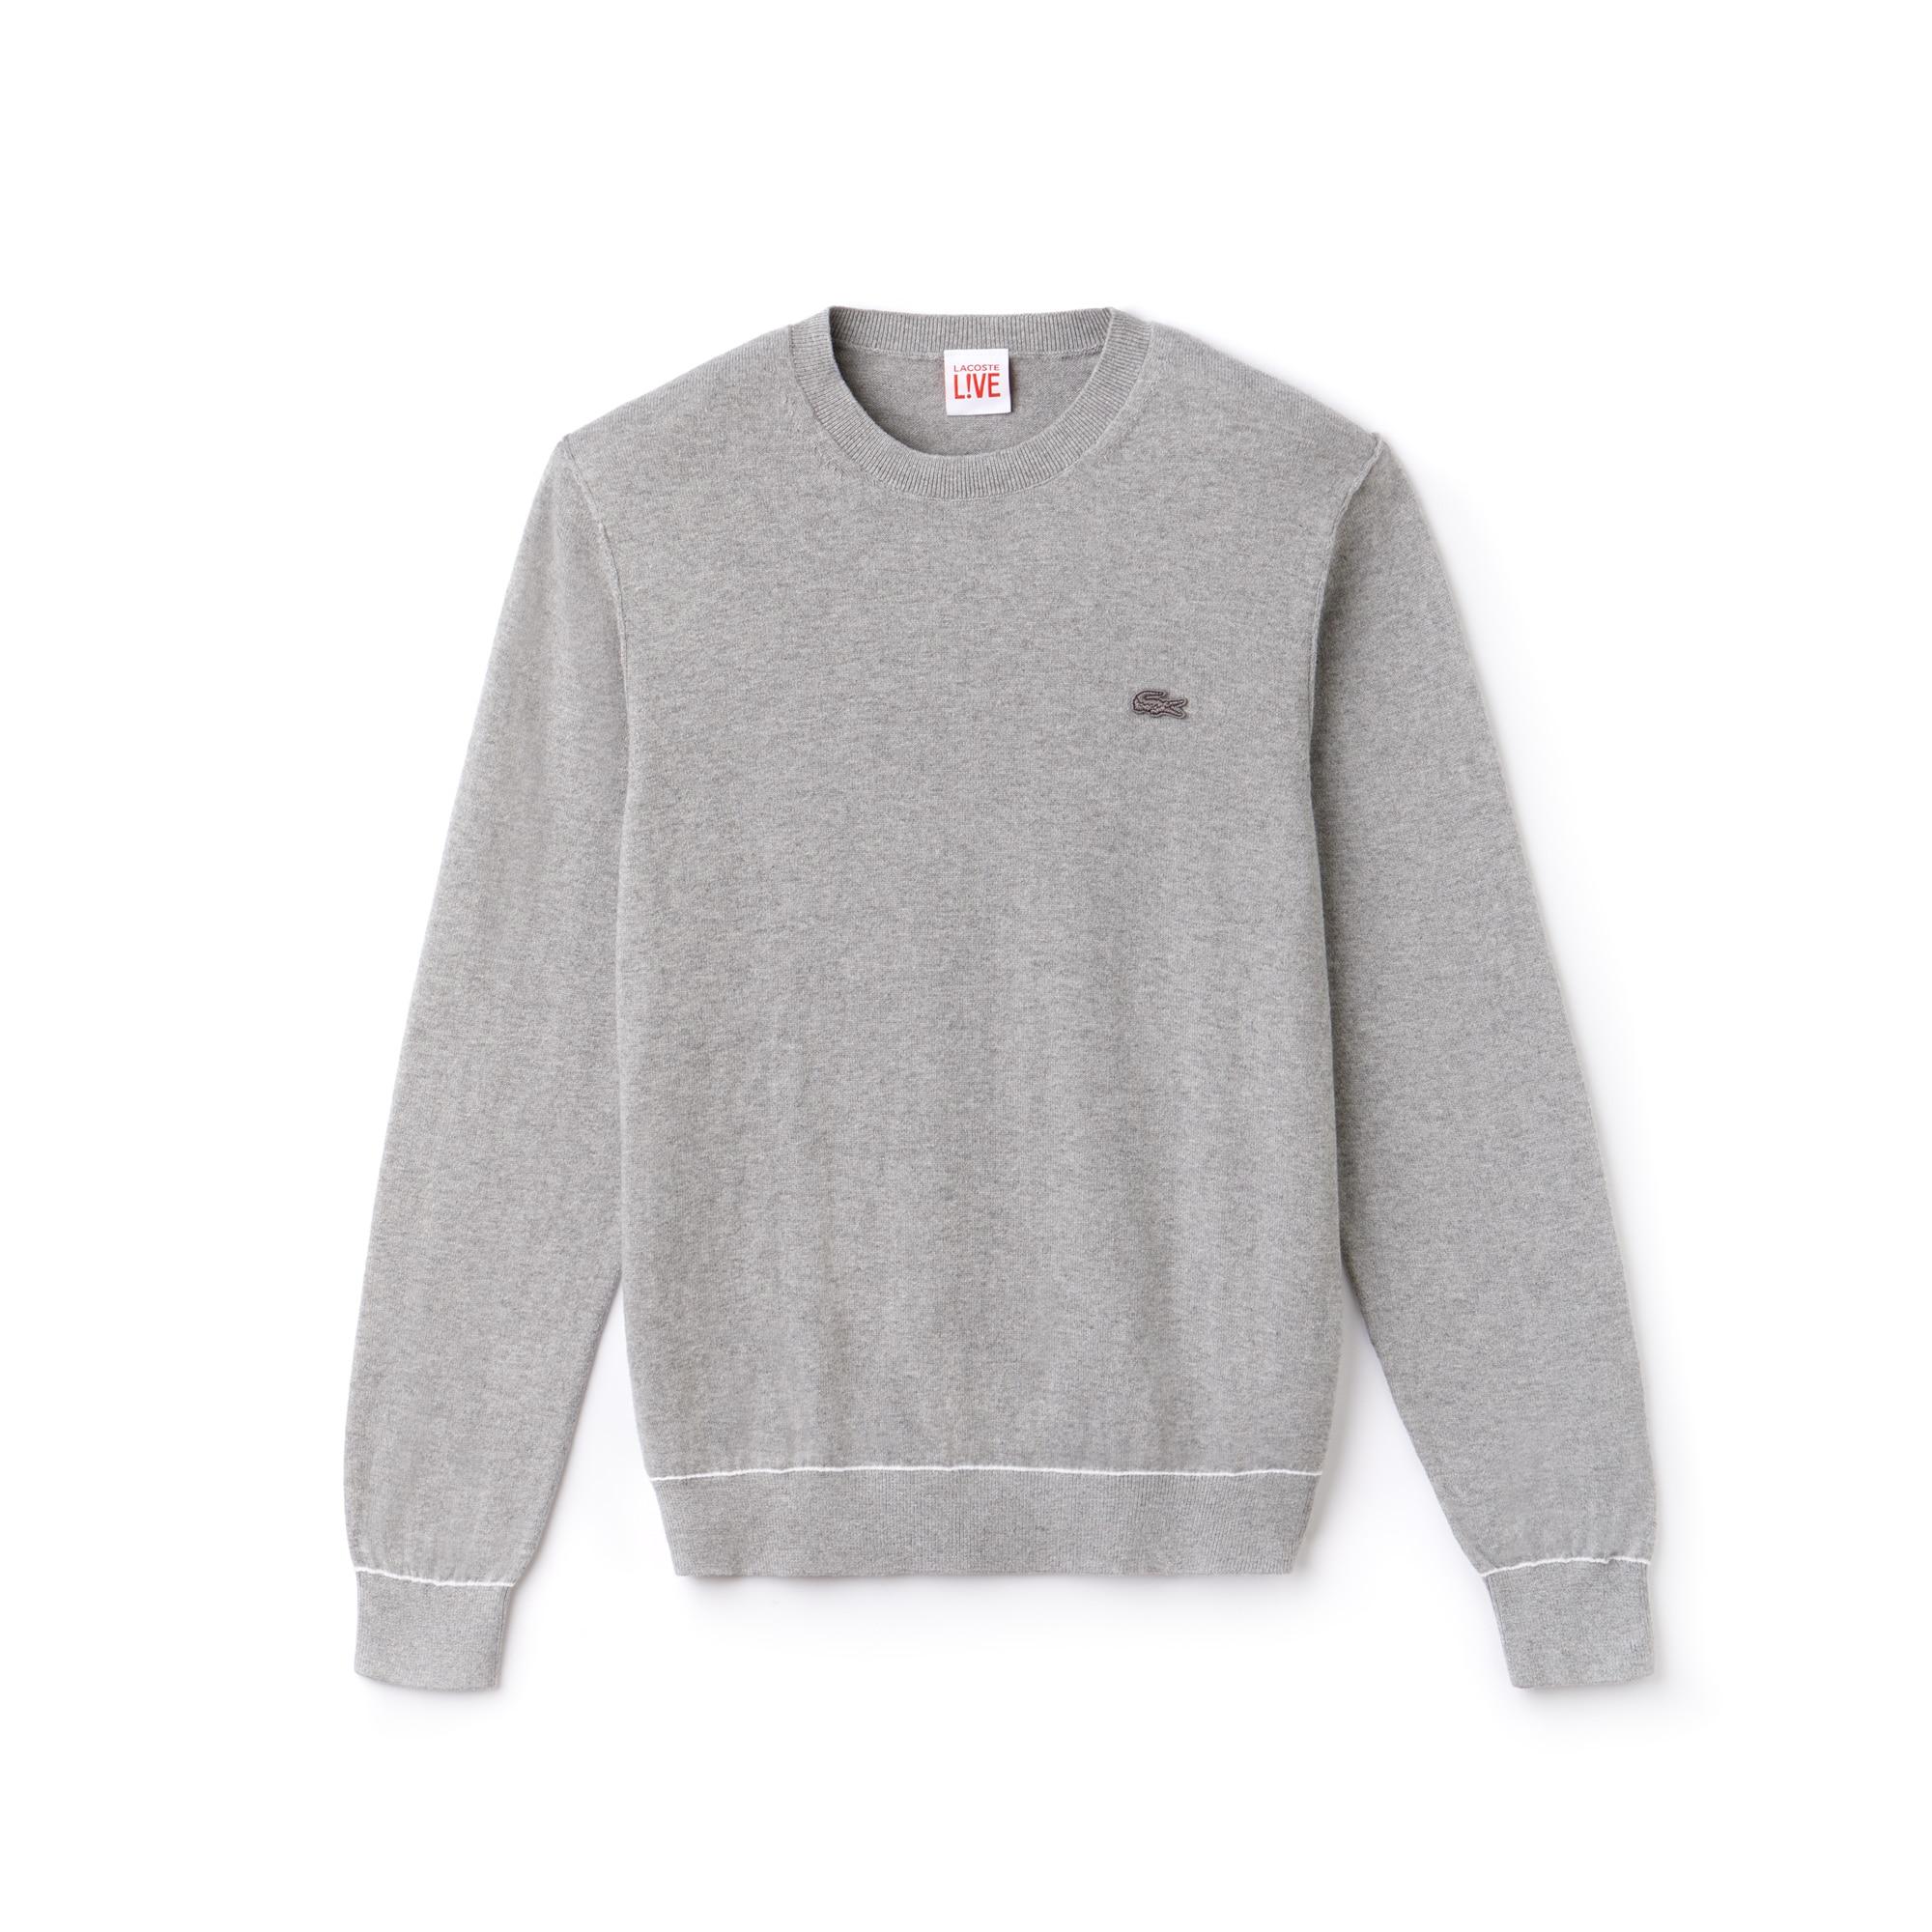 Pullover a girocollo Lacoste LIVE in jersey di cotone e cachemire con bordino